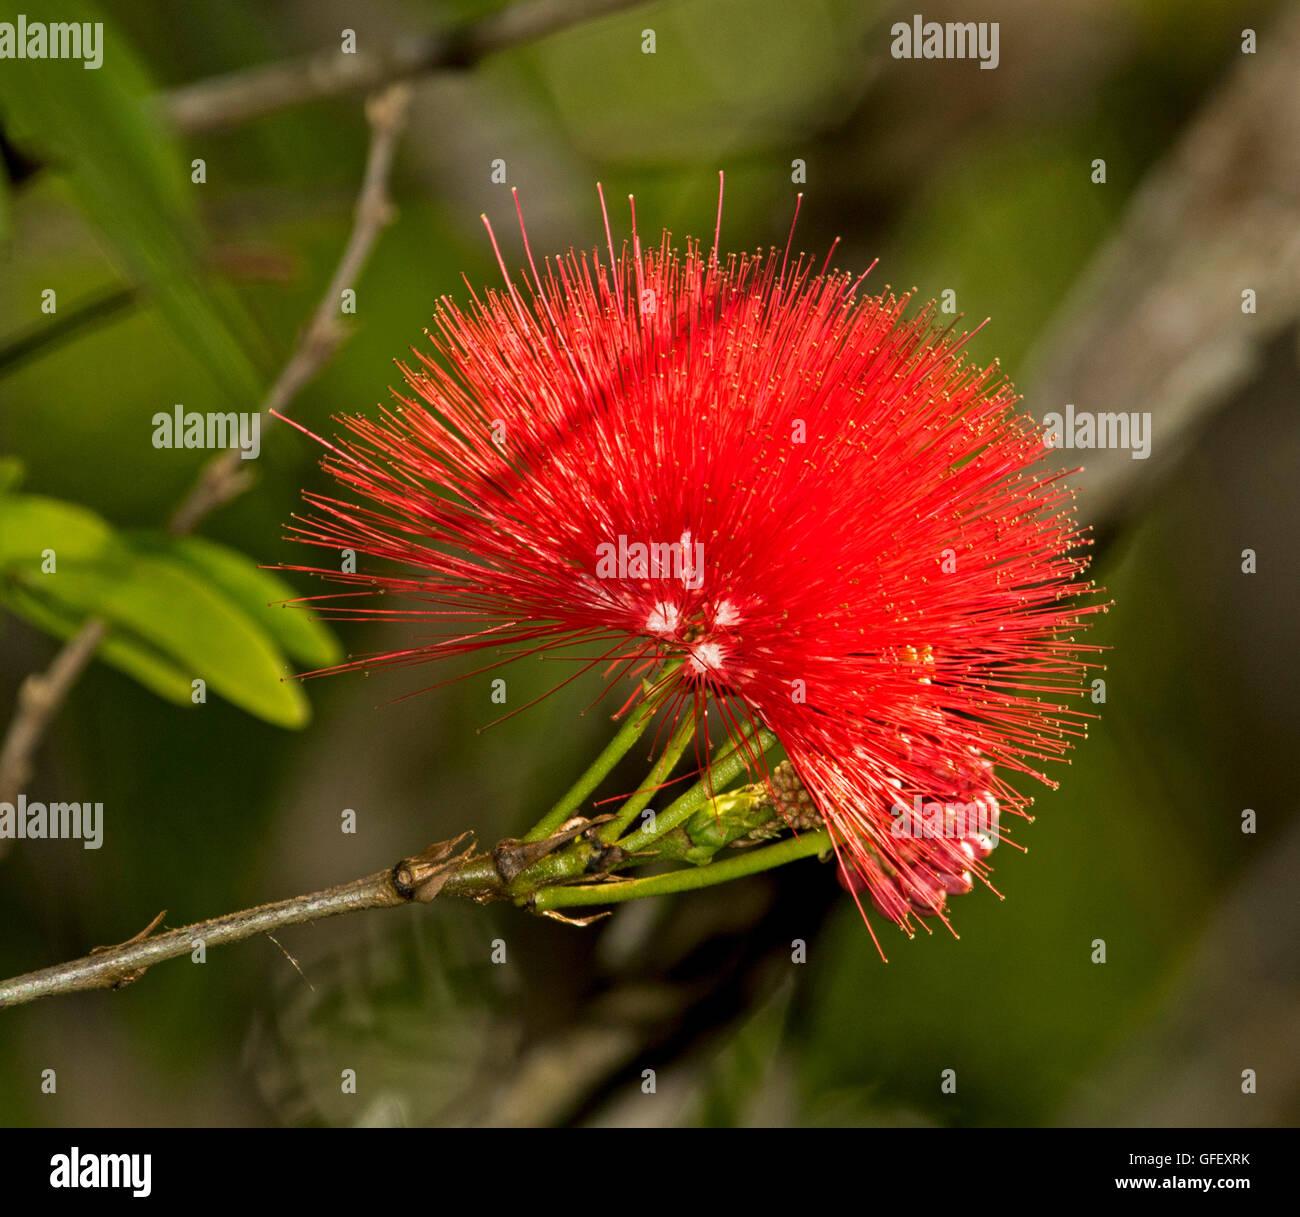 Bright Red Flower Of Calliandra Haematocephala Fairy Duster Pom